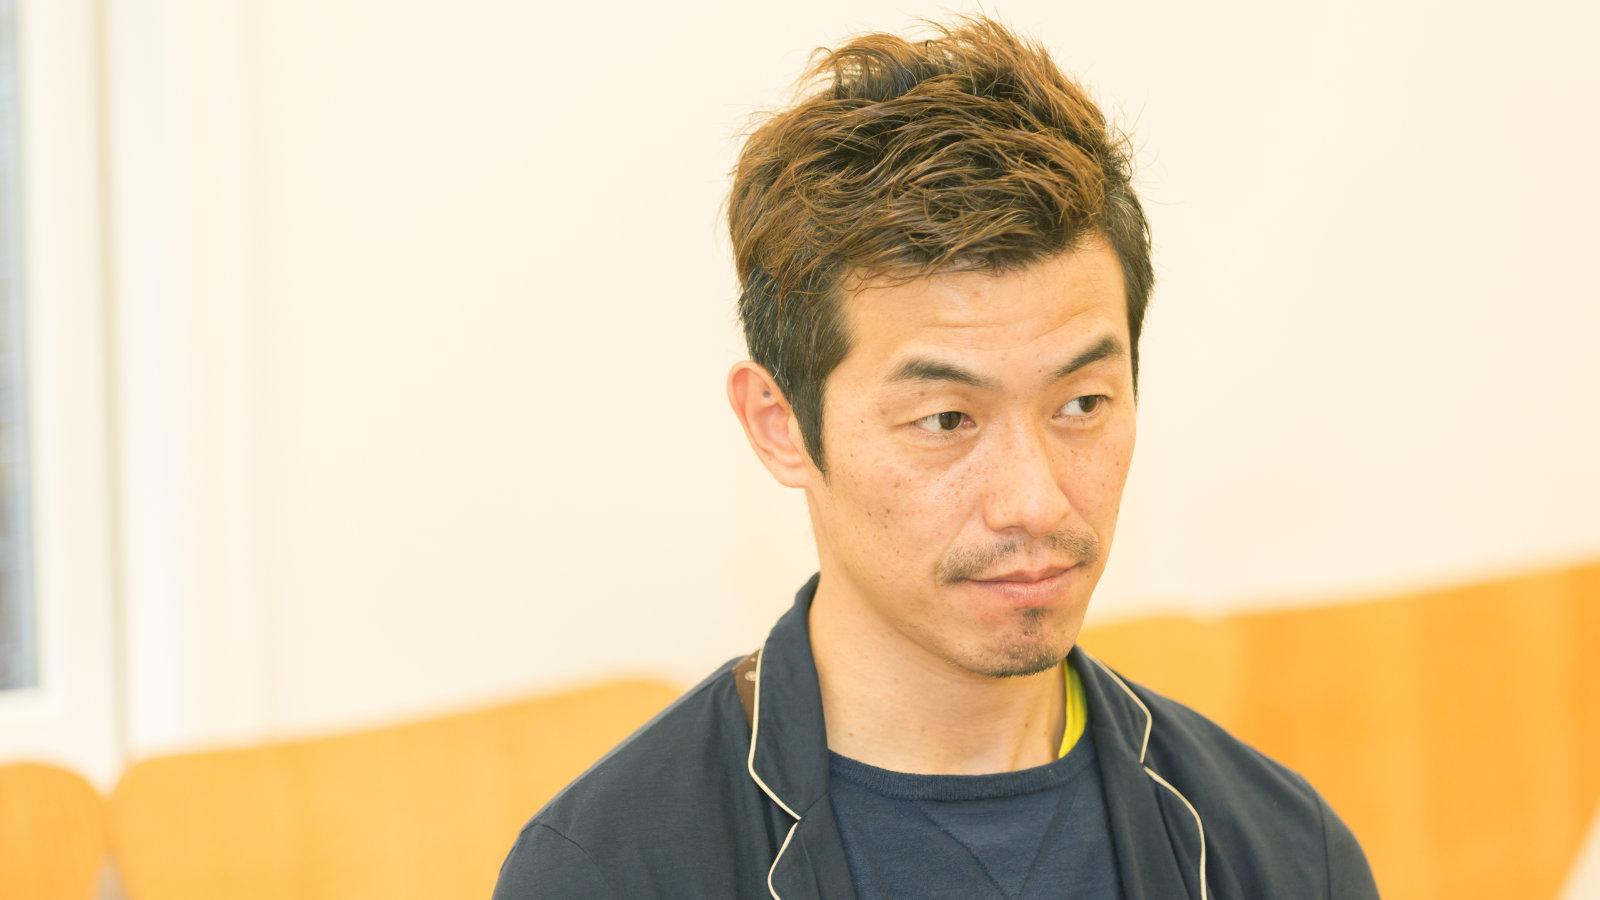 代表取締役兼プロデューサー 加藤 琢磨さん